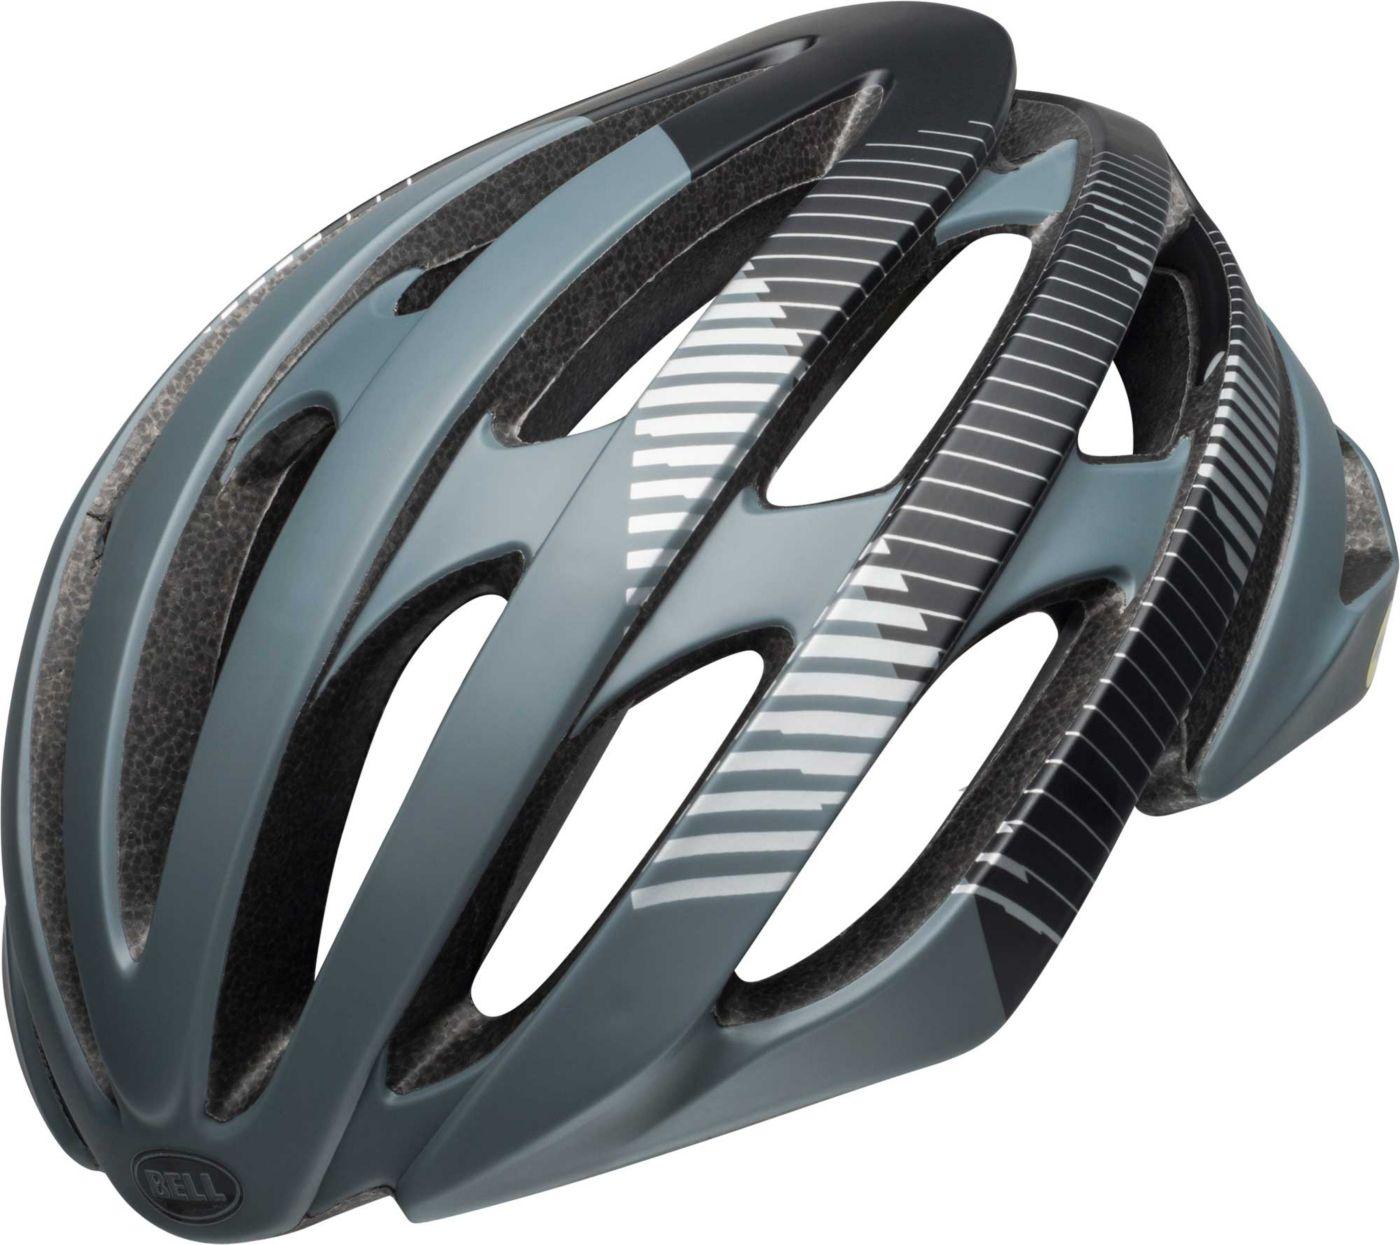 Bell Adult Stratus MIPS Bike Helmet